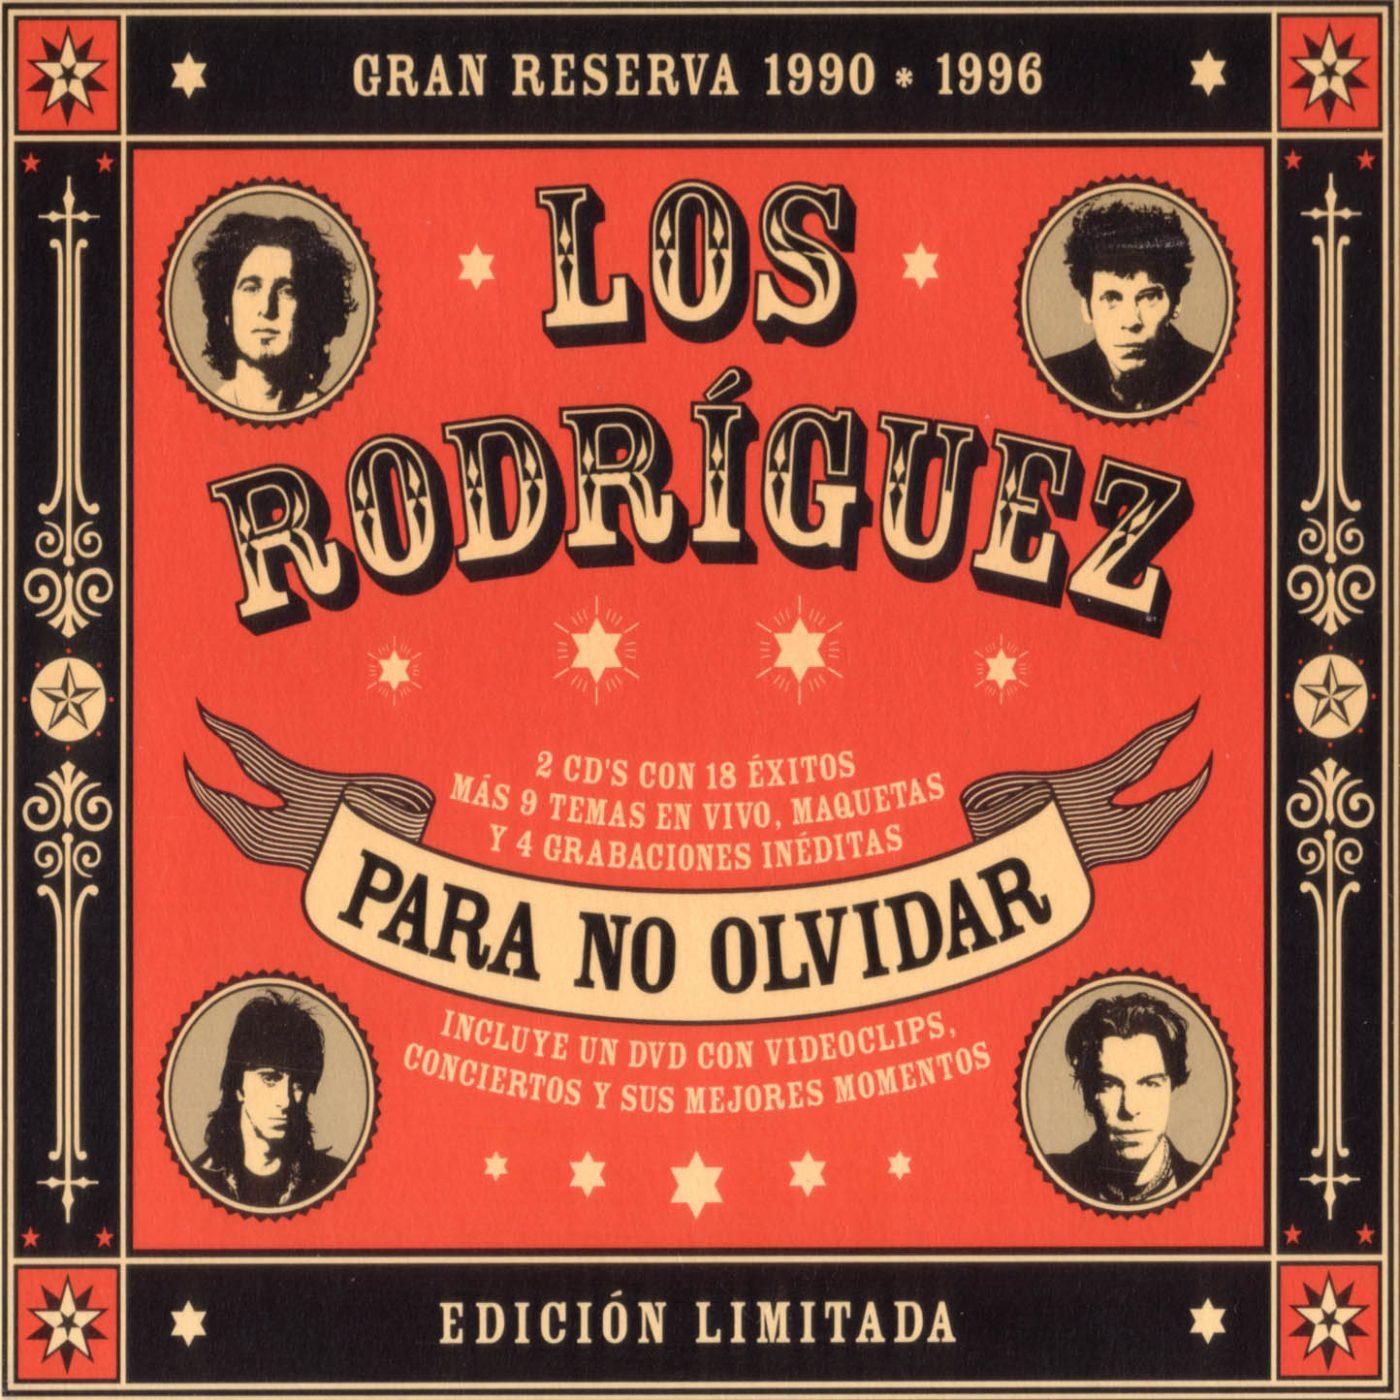 Los Rodriguez Para no olvidar